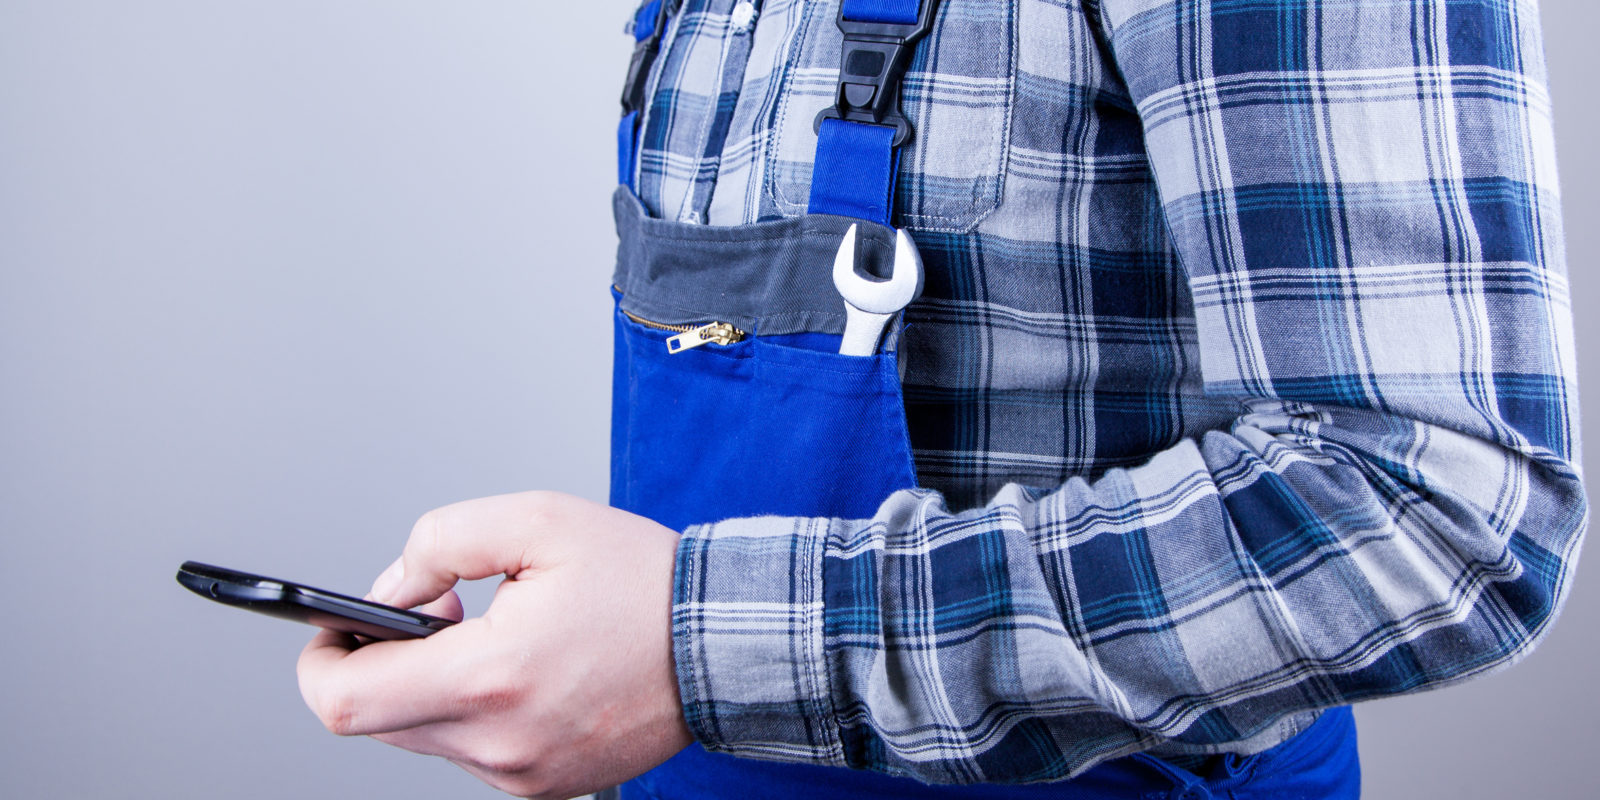 Reparaturauftrag an den Hausmeisterservice